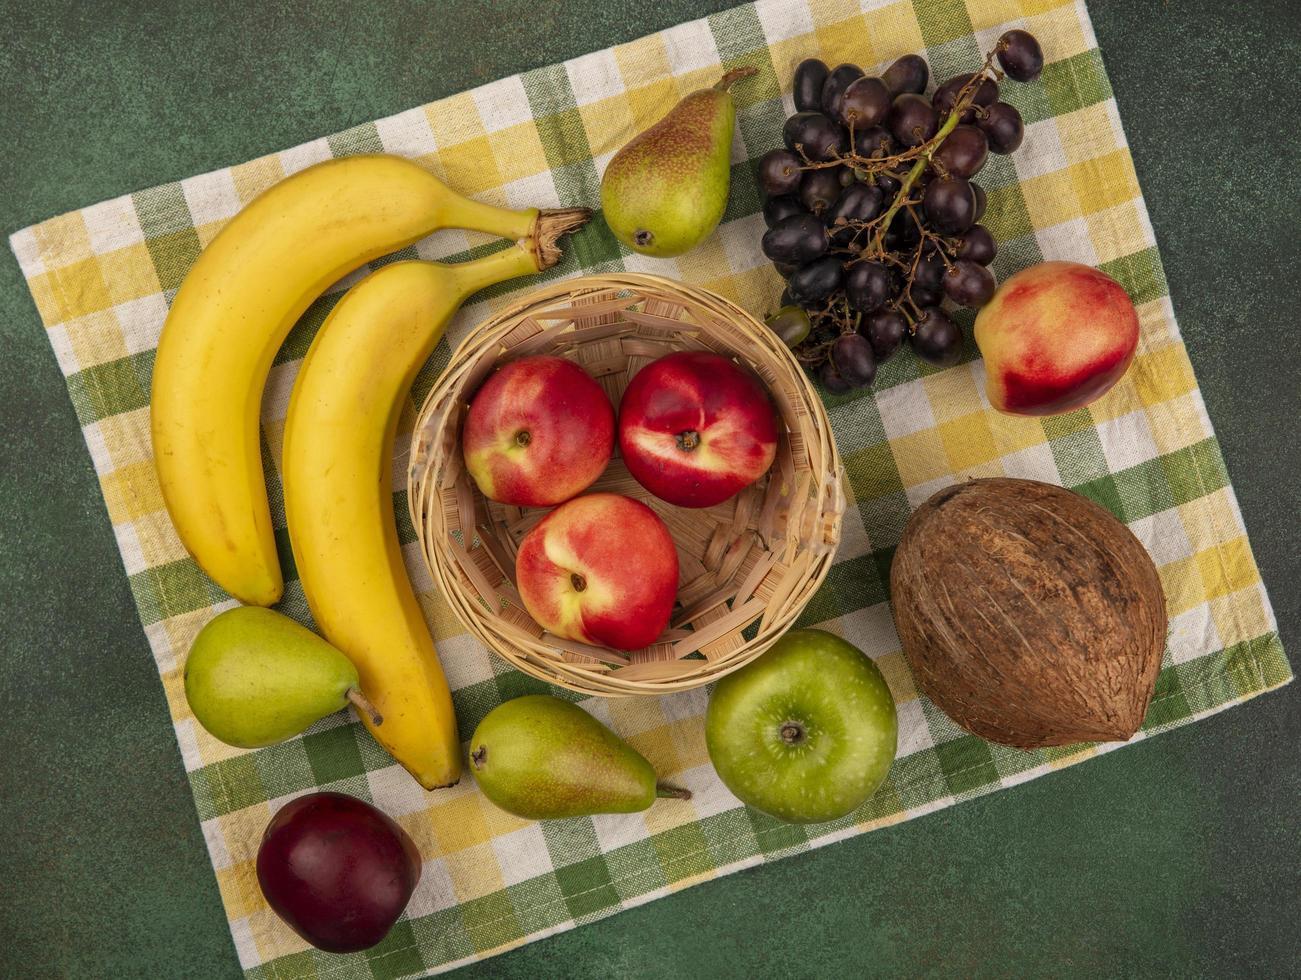 assortiment de fruits stylisés sur tissu à carreaux photo